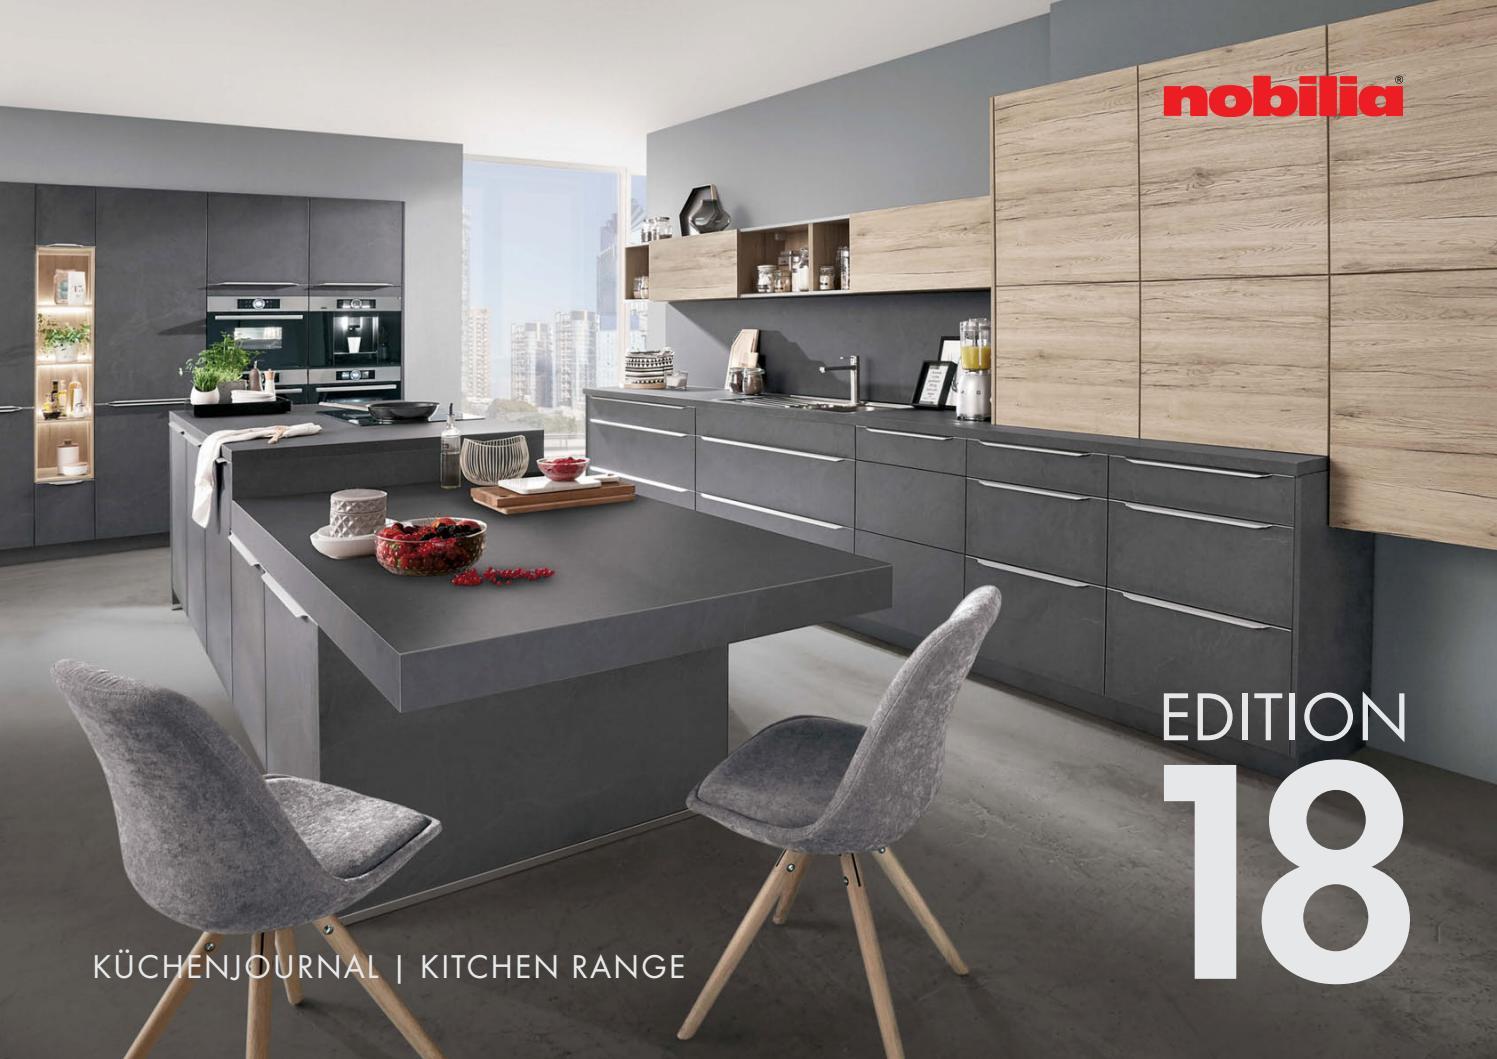 Full Size of Nobilia Eckschrank Katalog 2017 2018 By Perspektive Werbeagentur Küche Schlafzimmer Einbauküche Bad Wohnzimmer Nobilia Eckschrank